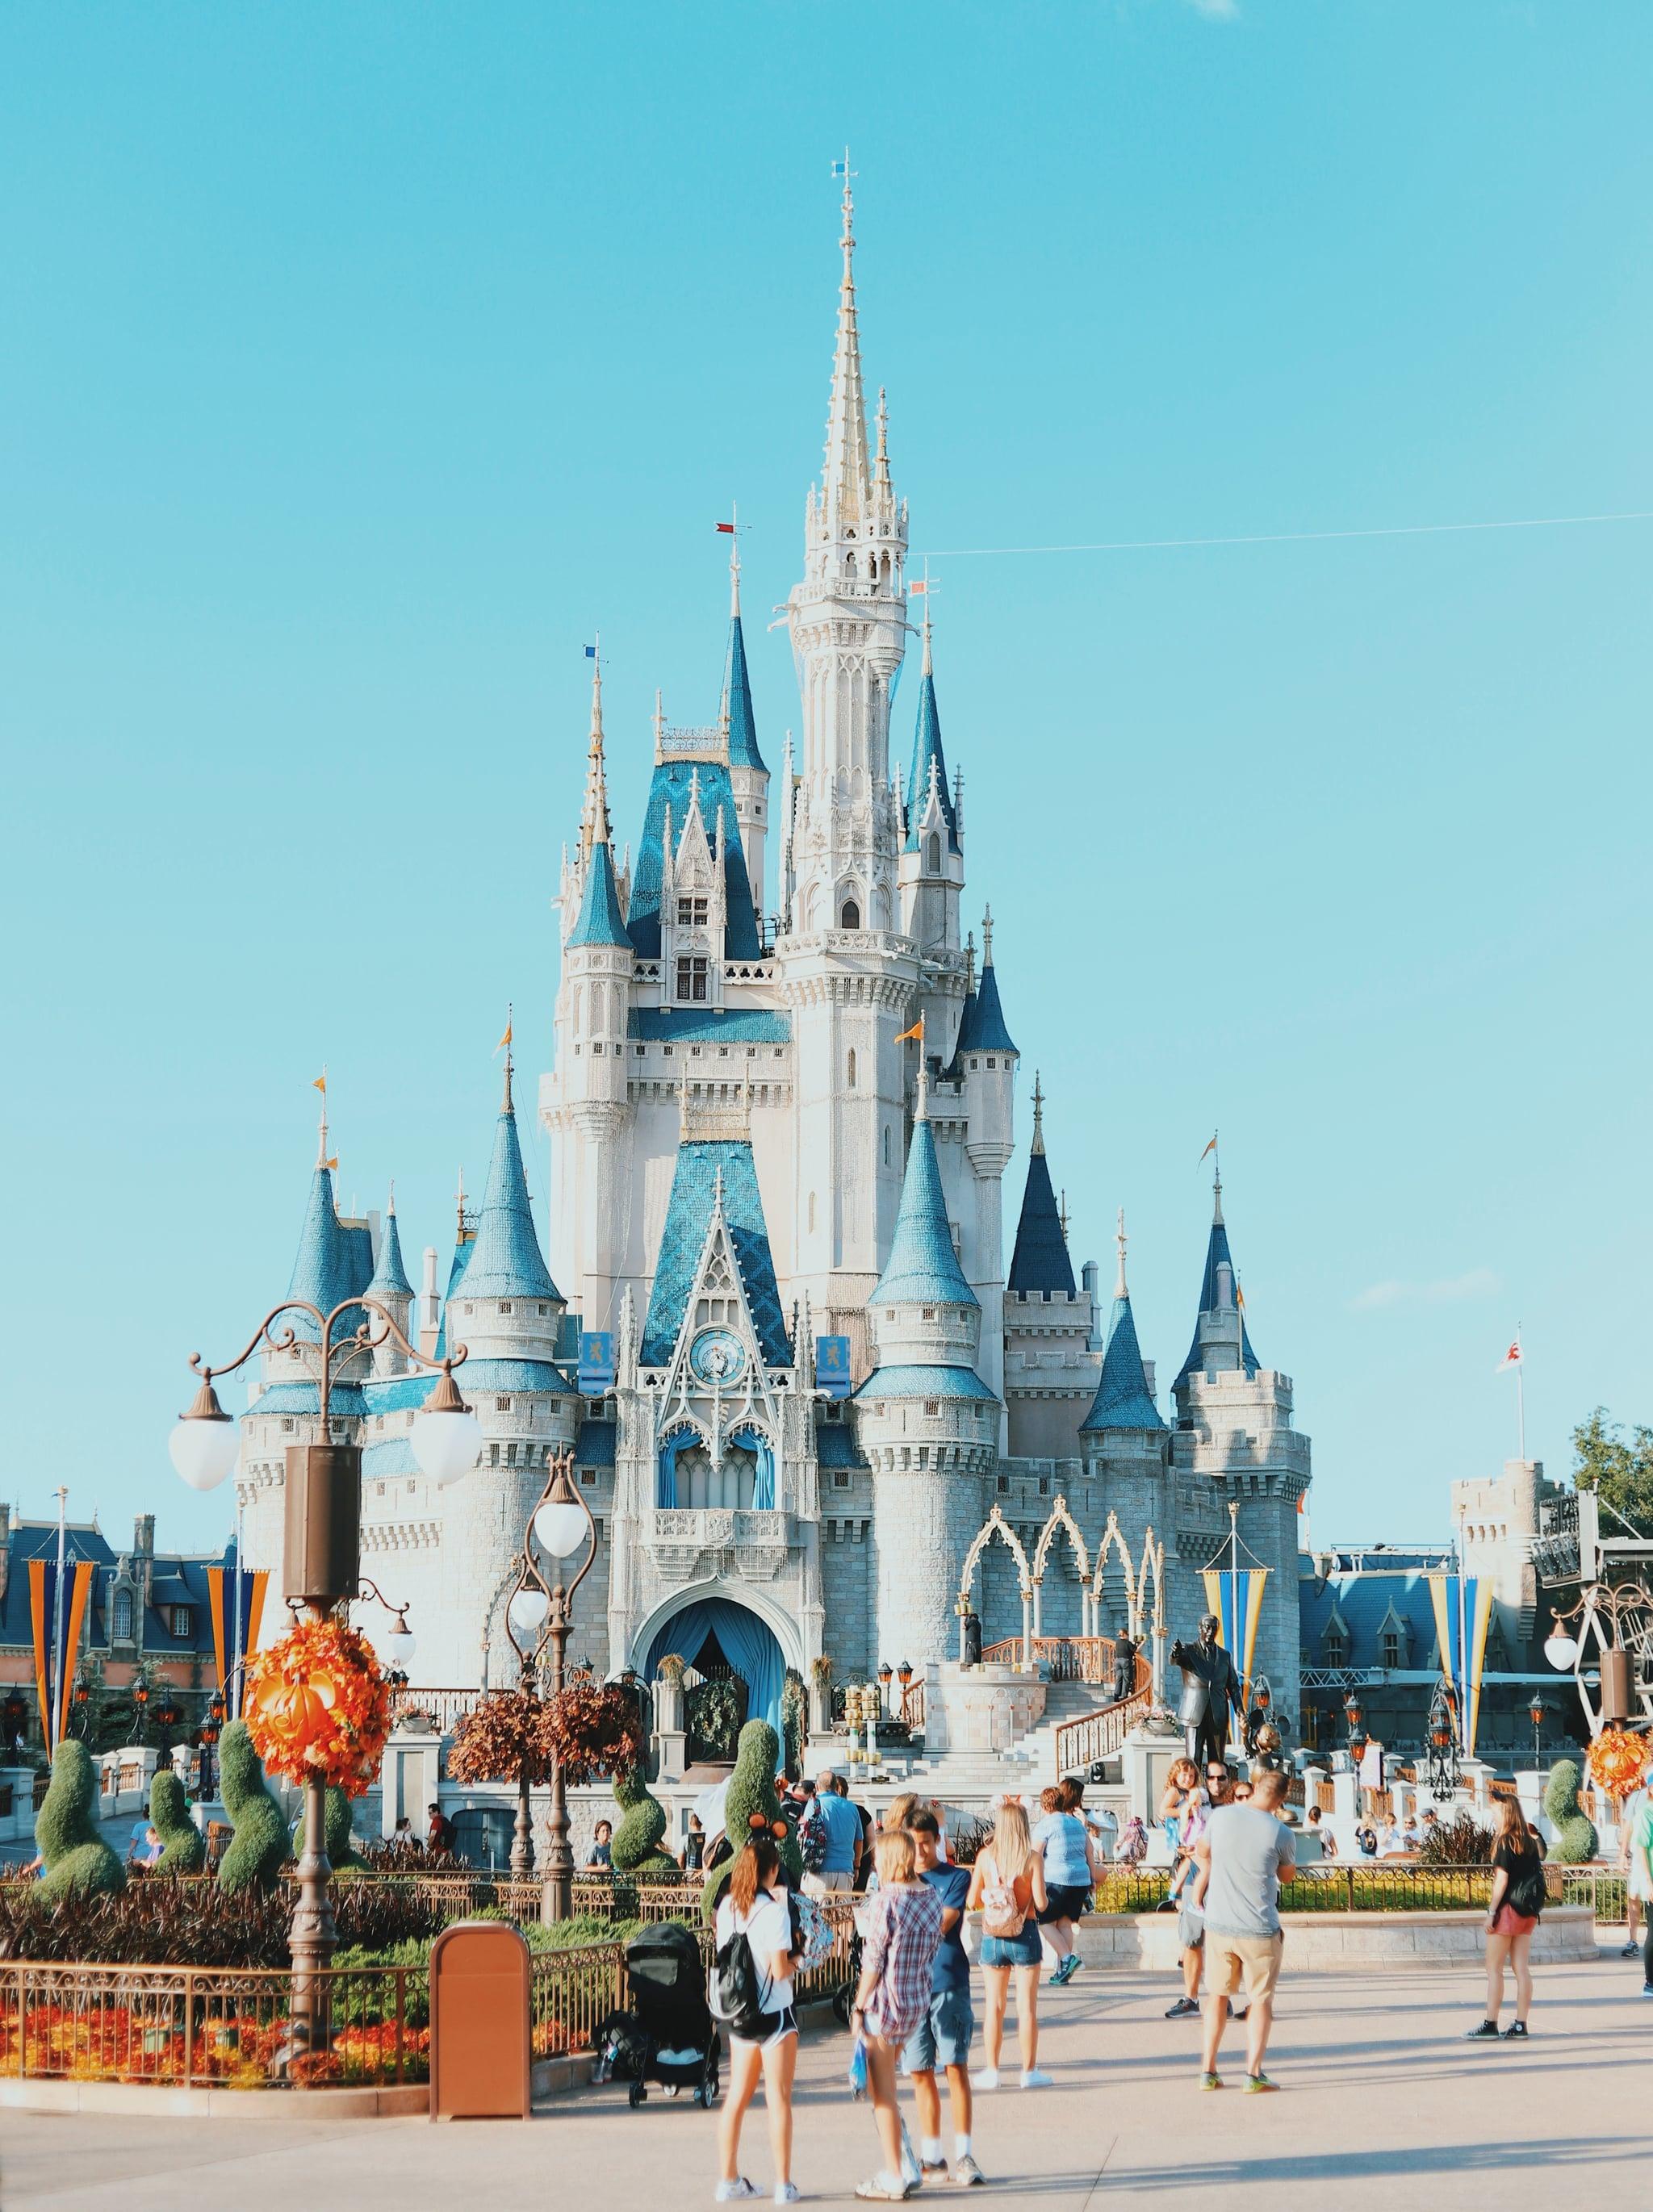 Компания Disney заработала за год 10 миллиардов долларов